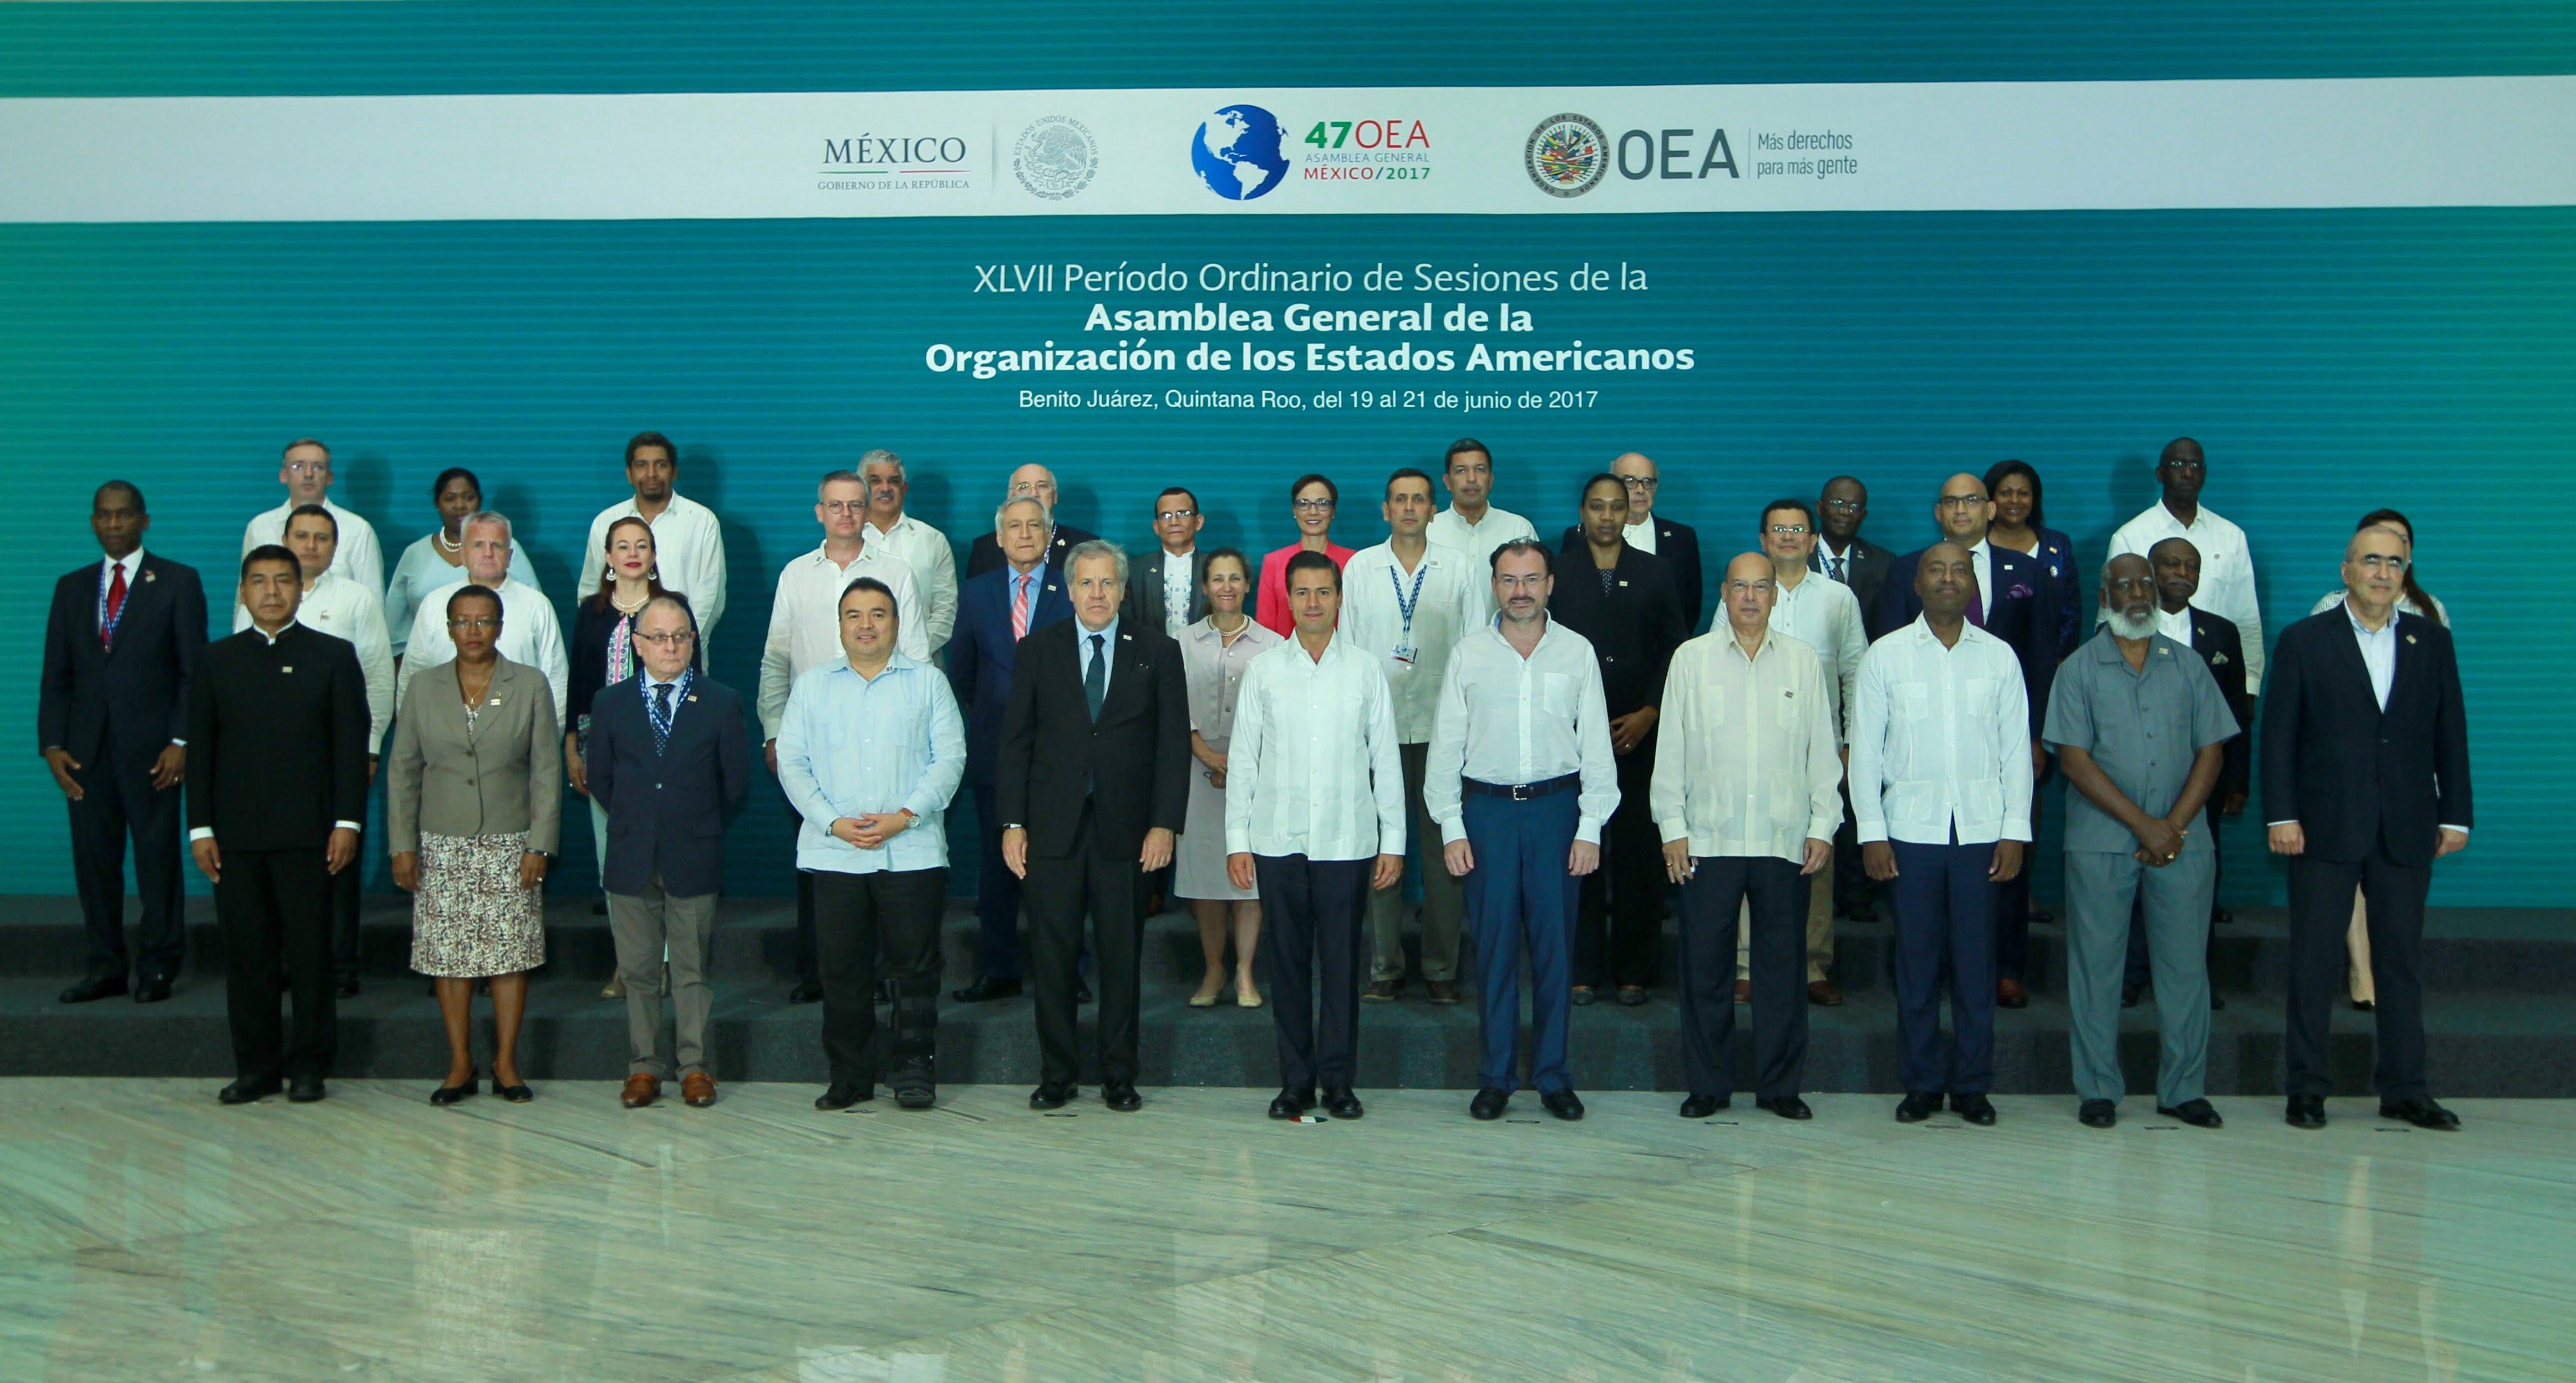 Foto Oficial Inauguración de la 47 Asamblea General de la Organización de Estados Americanos, en Cancún, Quintana Roo. Cortesía de SRE.